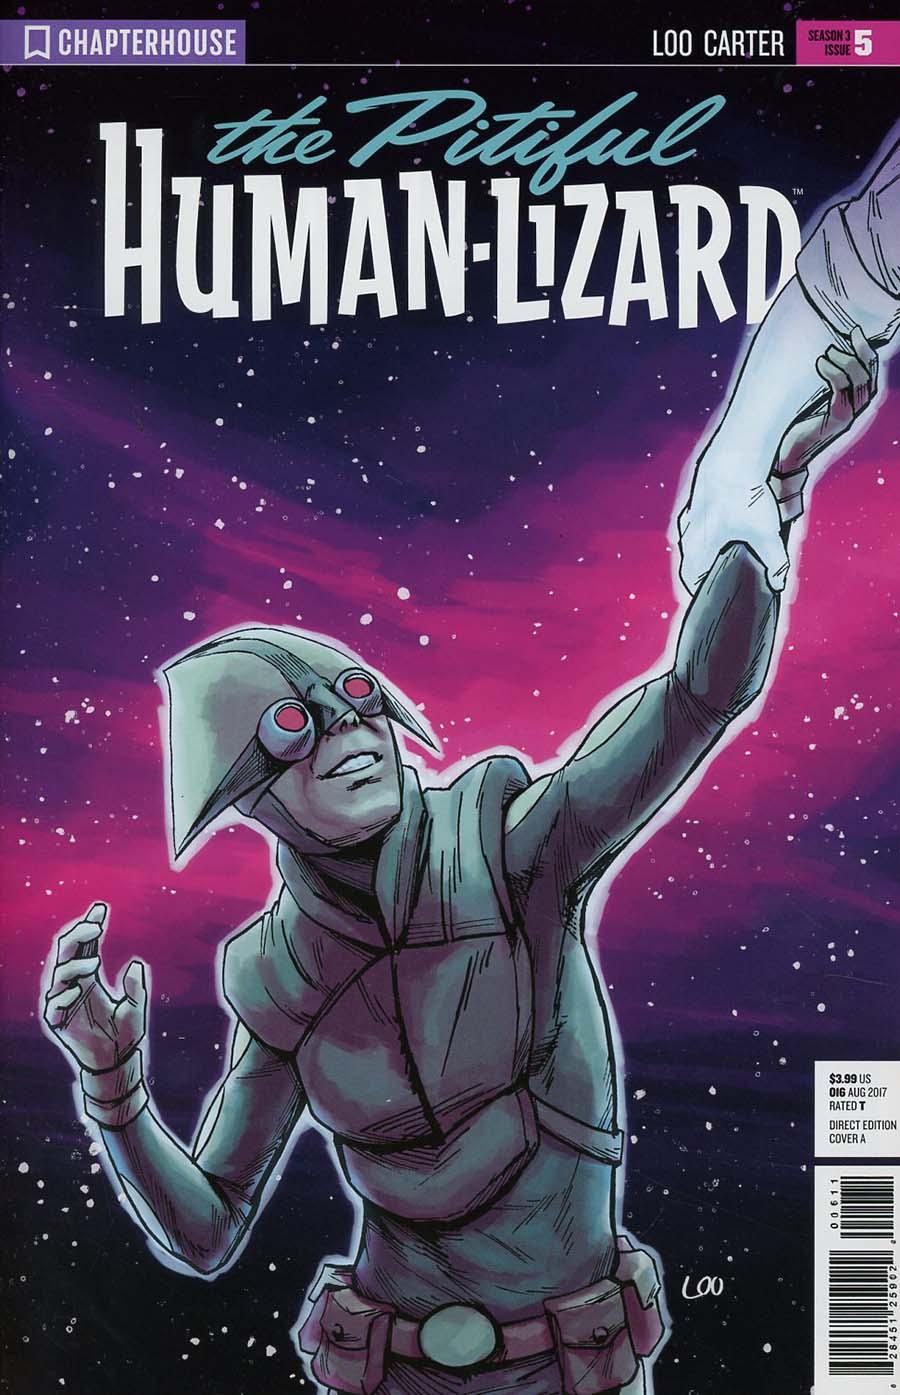 Pitiful Human-Lizard #16